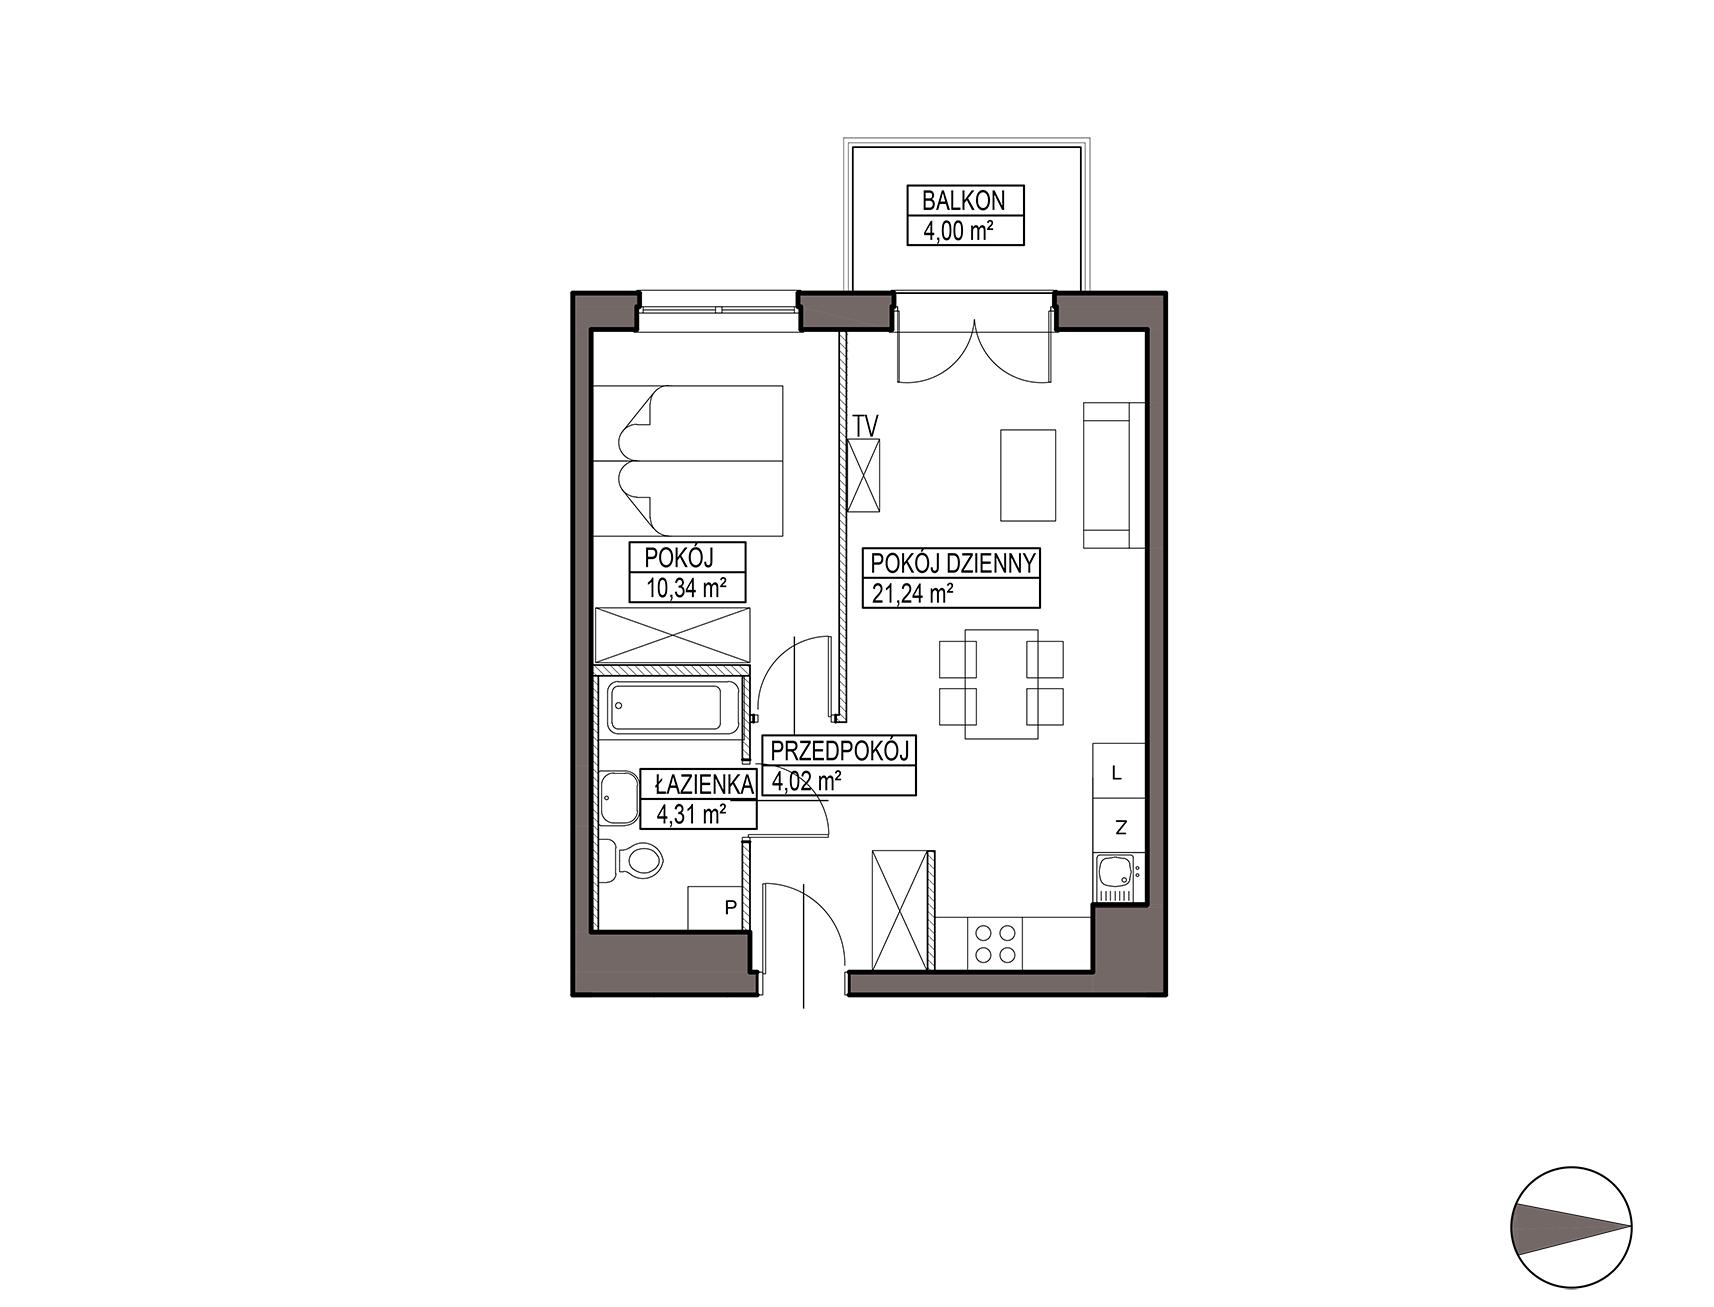 Uroczysko III / budynek 5 / mieszkanie G/0/6 rzut 1